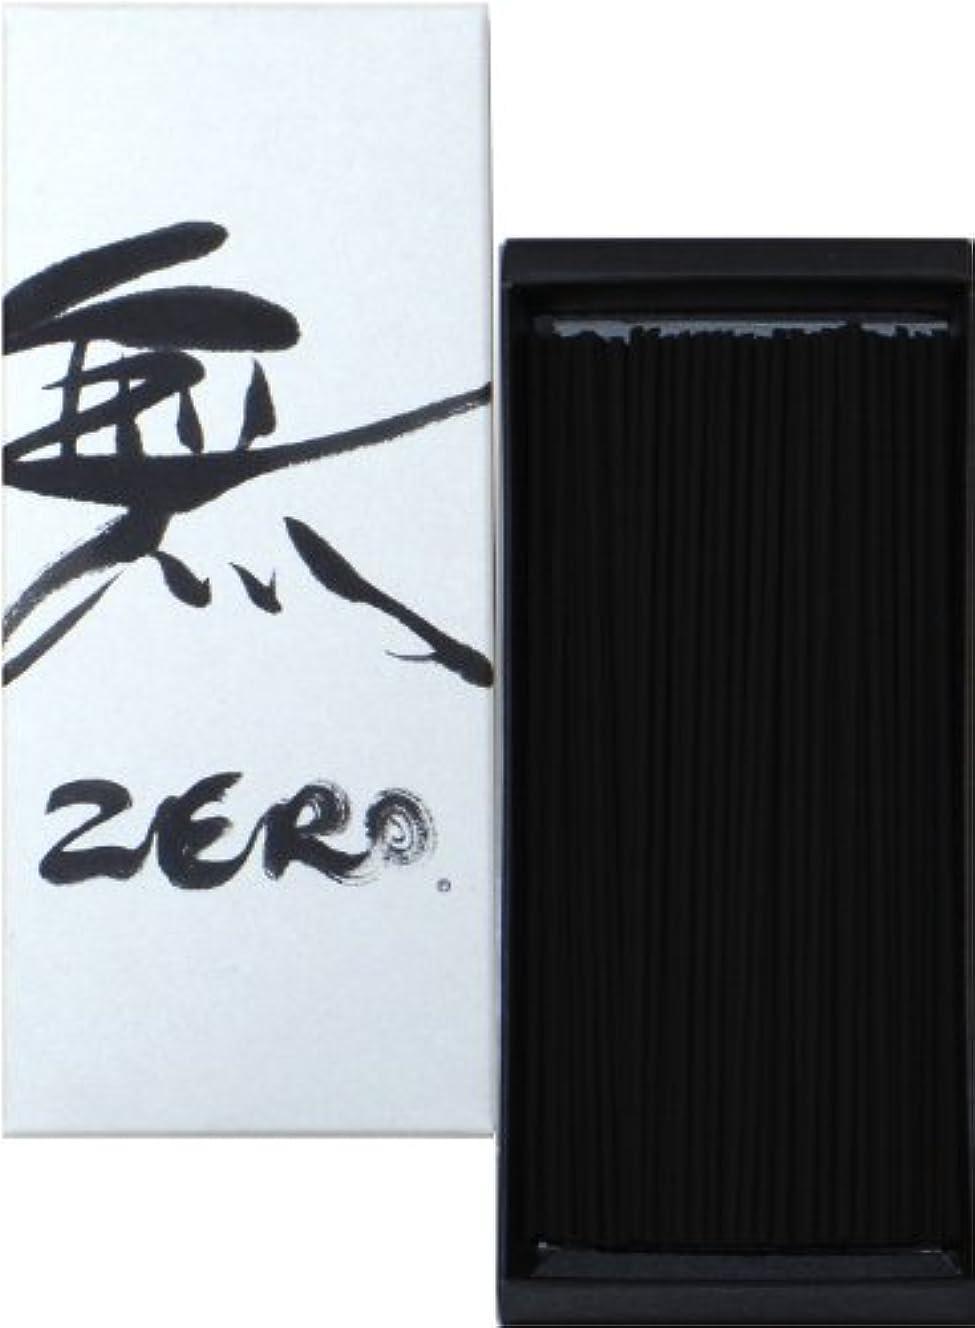 基本的な鮫予測丸叶むらたのお線香 無 ZERO(ゼロ)中バラ 約80g #ZR-02